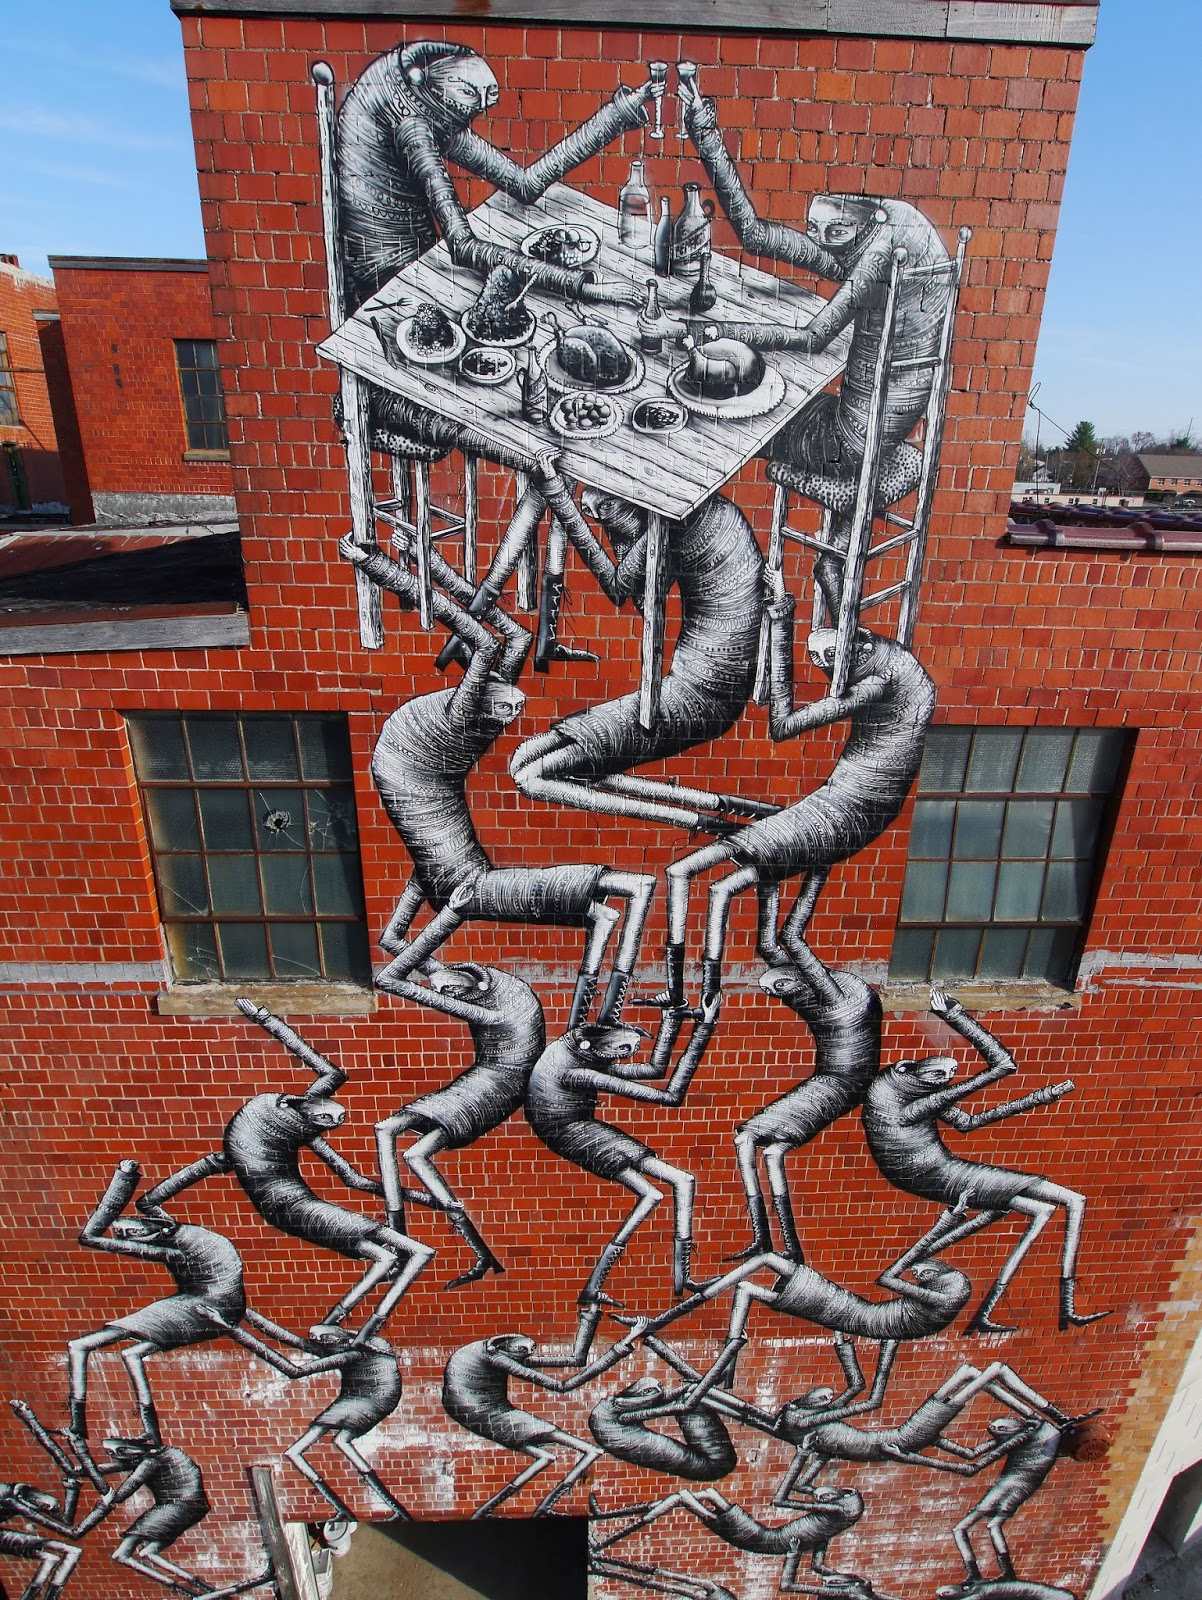 phlegm-new-mural-prhbtn-festival-02